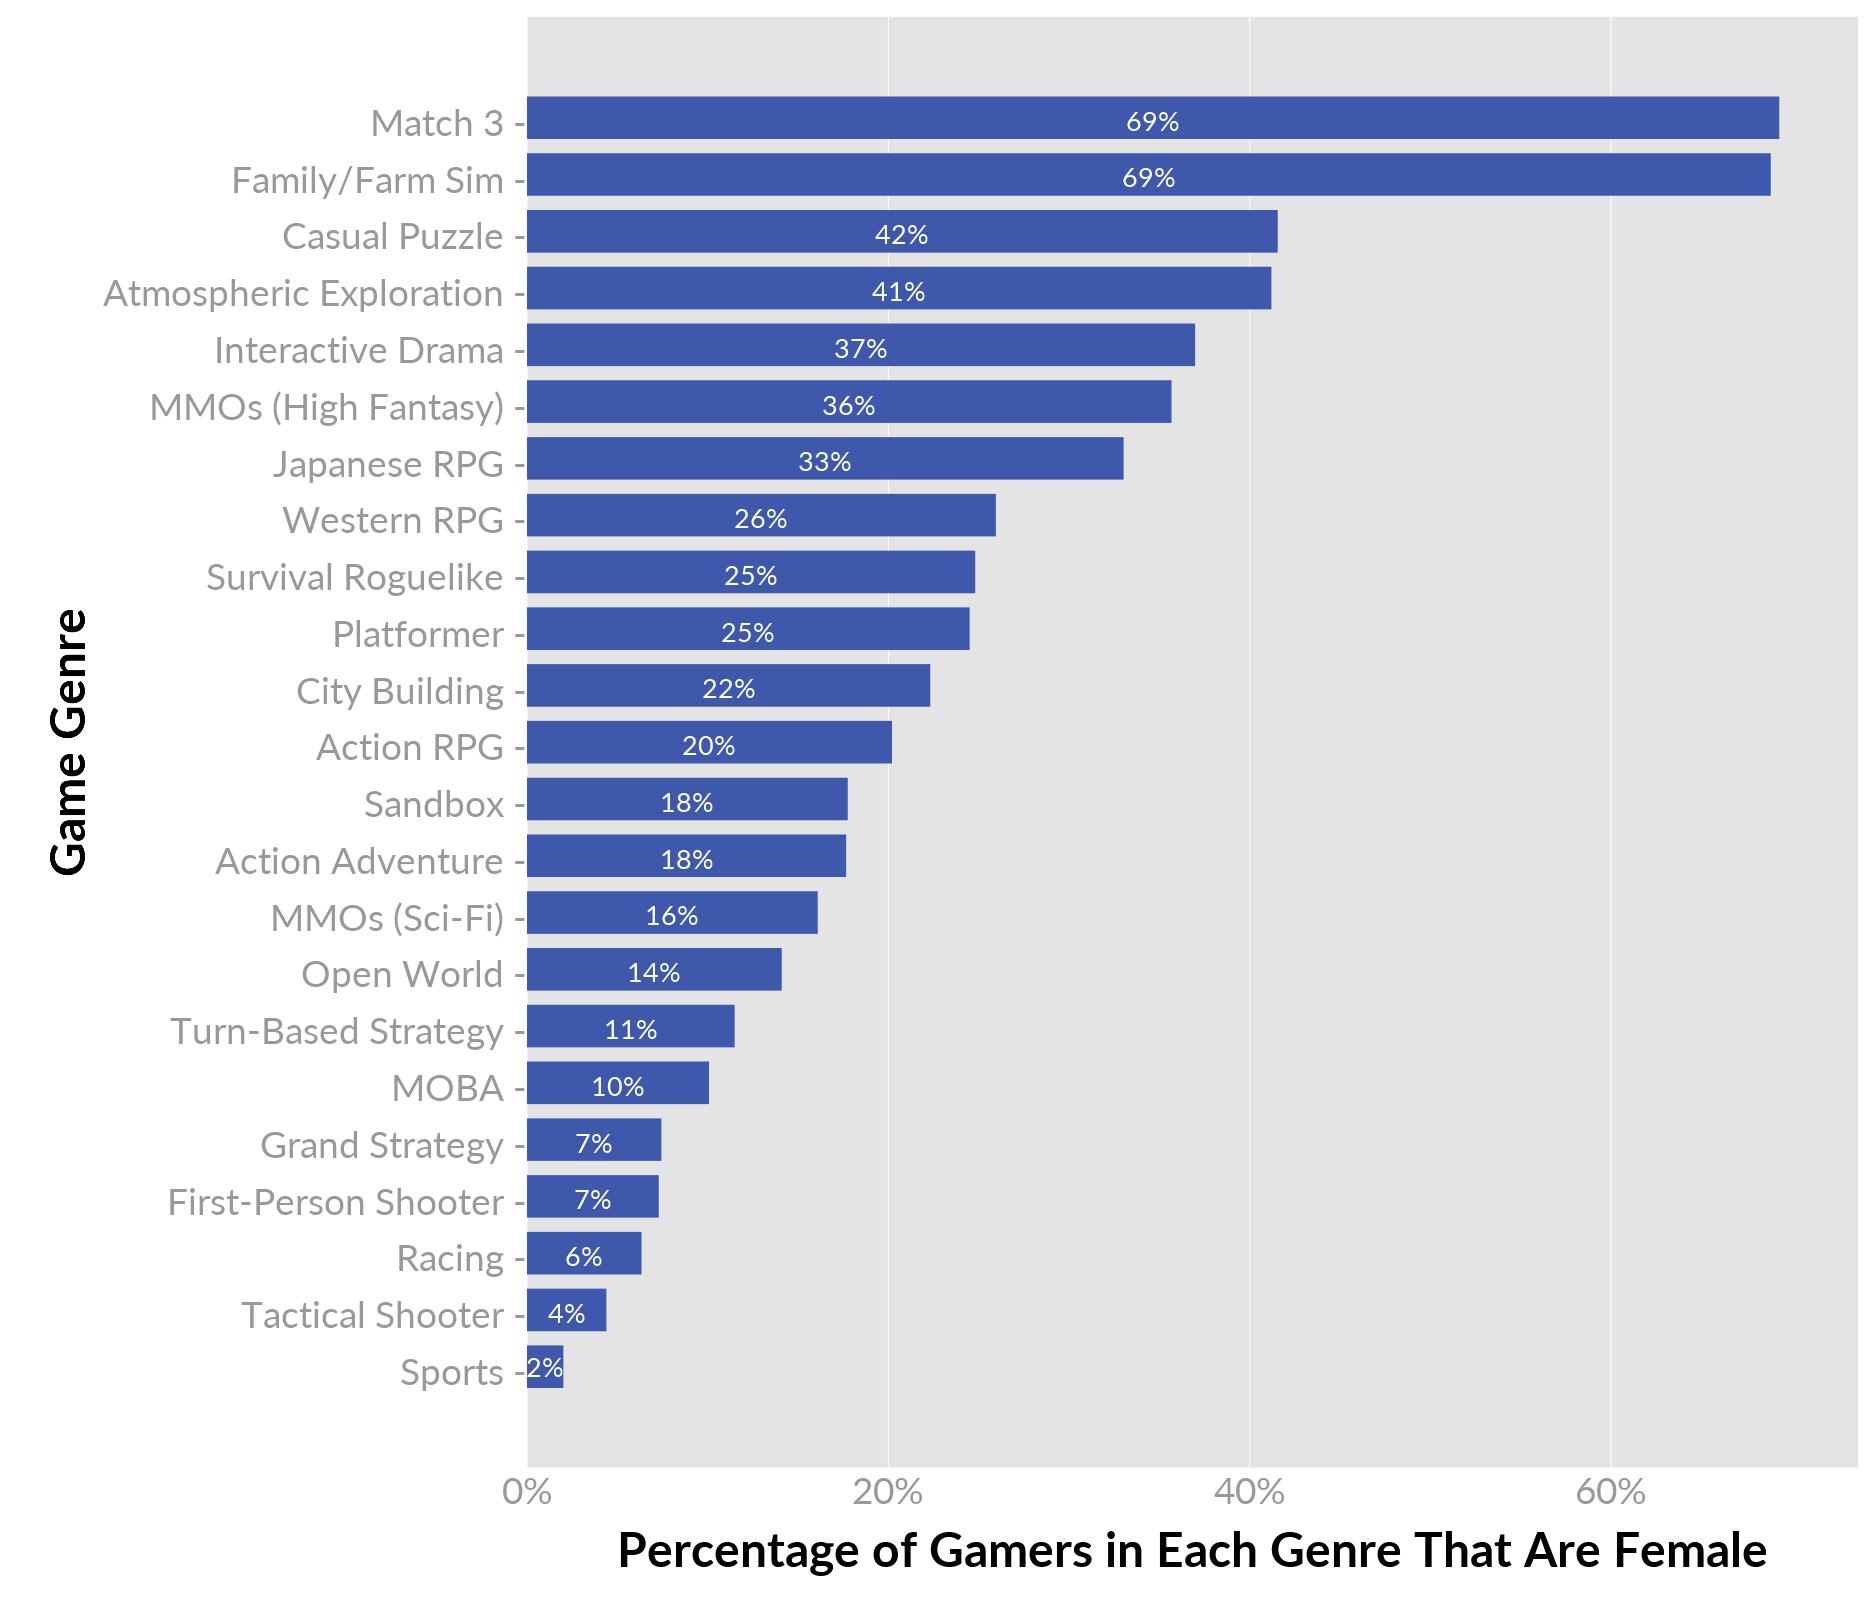 آمار تعداد دختران گیمر در هر سبک بازی